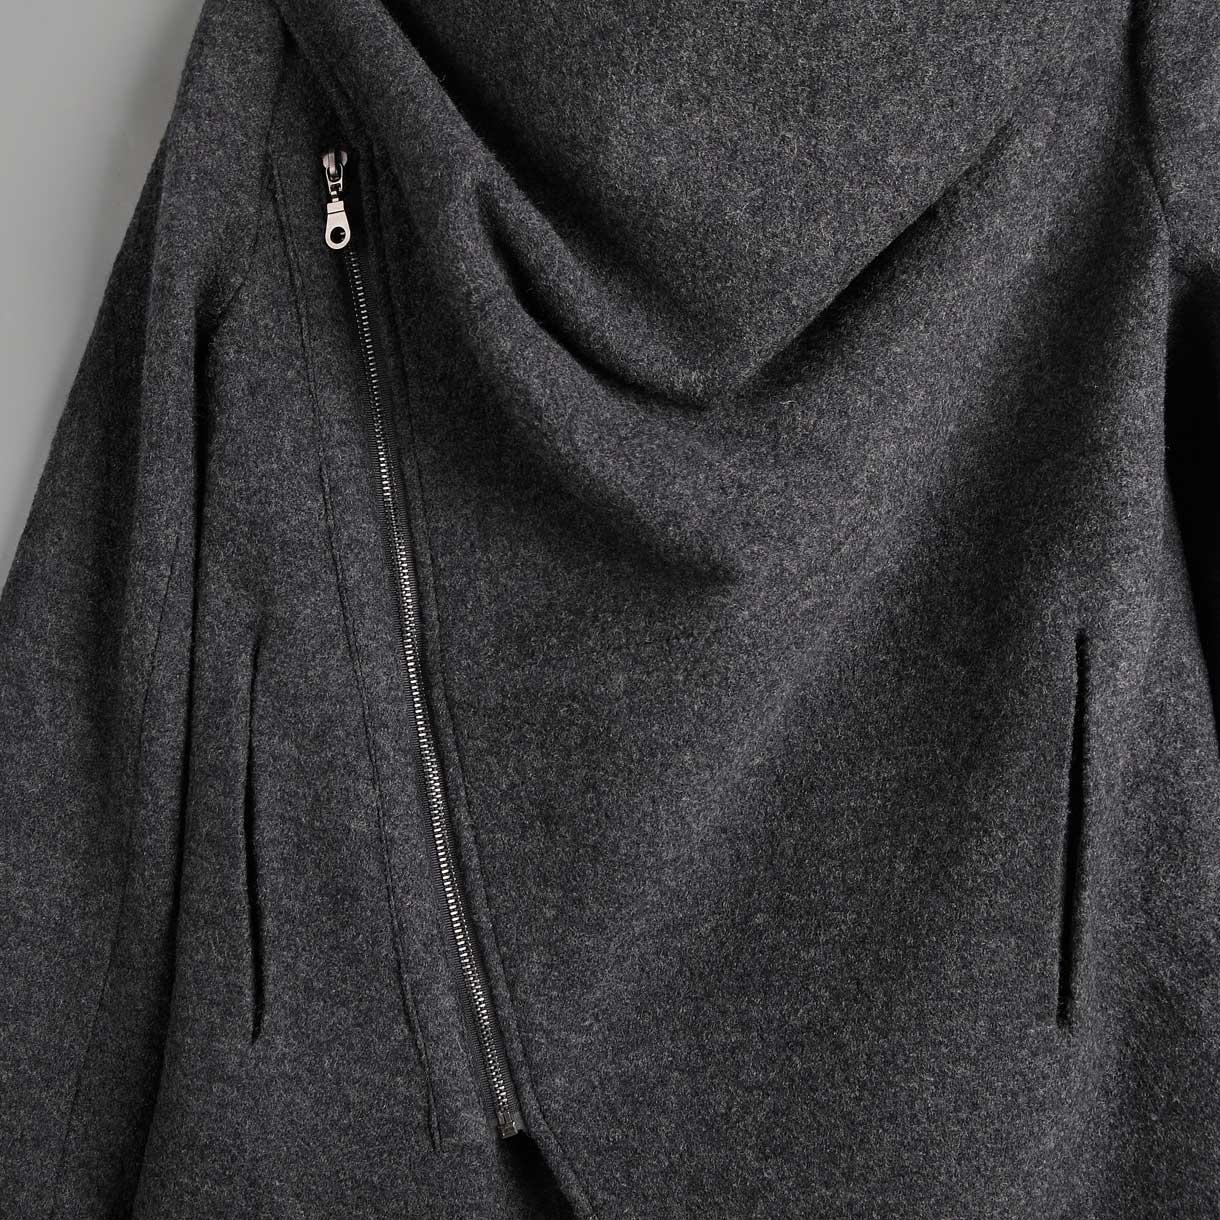 женское пальто S.deer 0481807 Sdeer Осень 2012 Средней длины (65 см <длины одежды ≤ 80 см) S.deer Длинный рукав Классический рукав